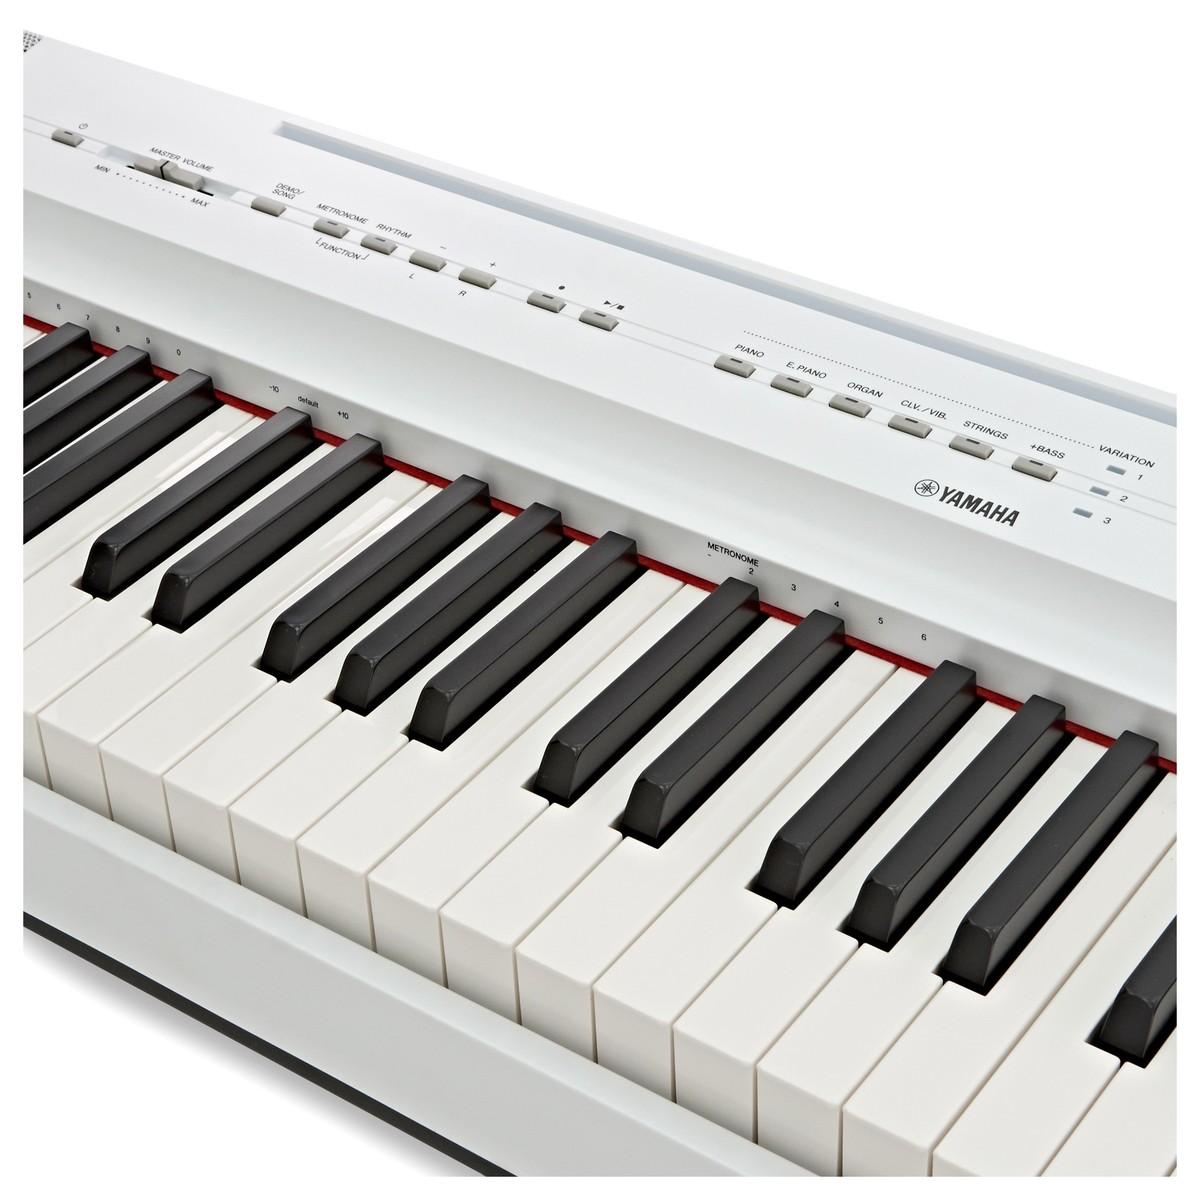 gear4music pianoforte digitale  Negozio di sconti online,yamaha p125 piano digitale